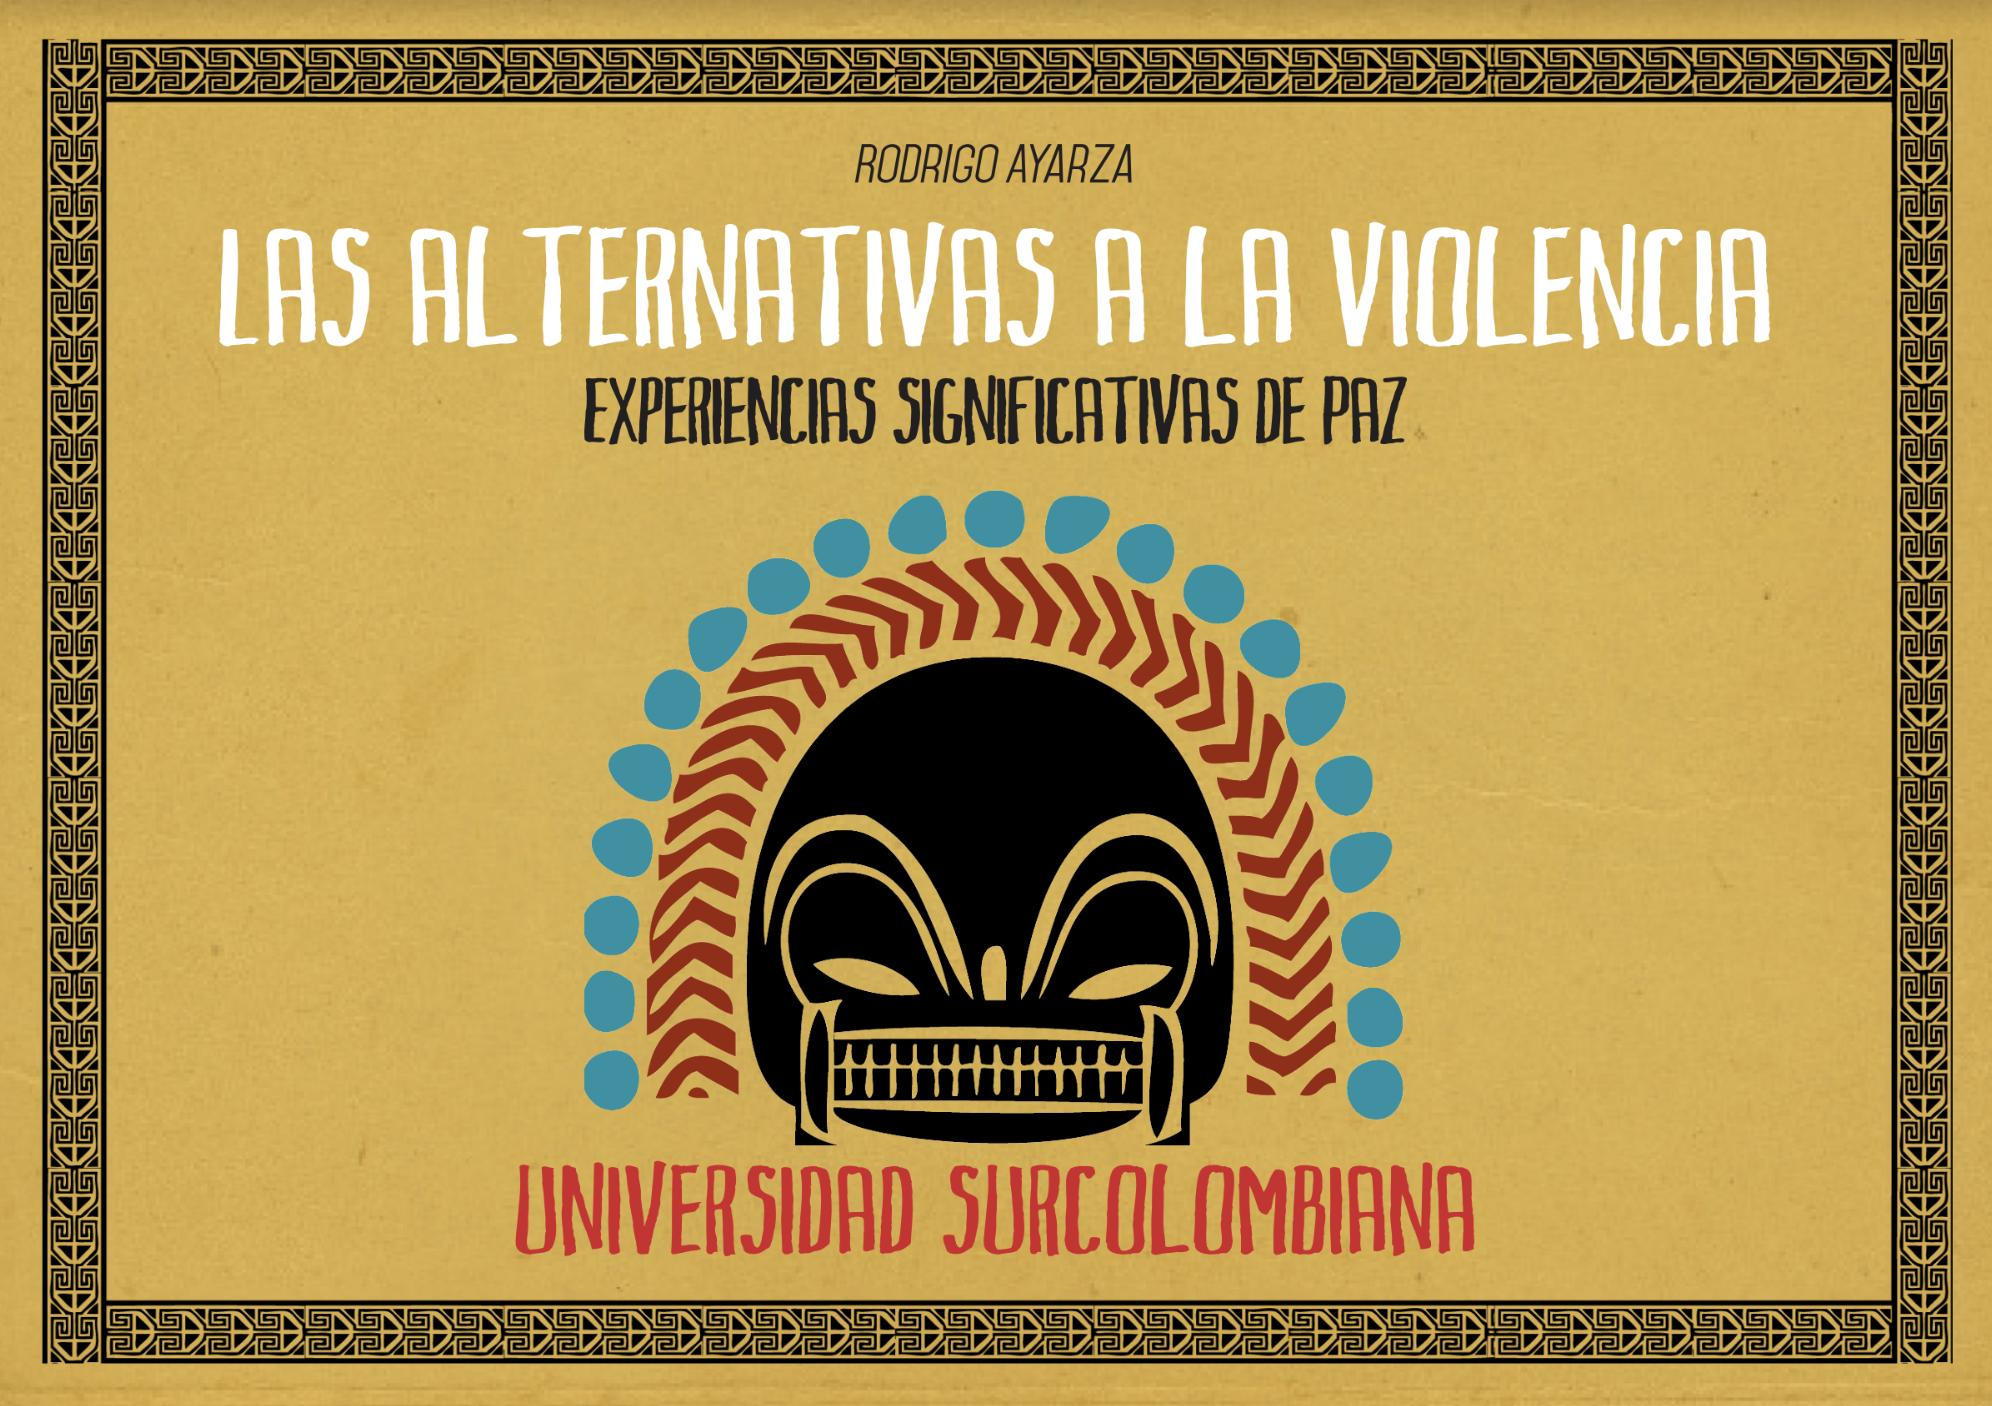 Colombia: Un recorrido de los conceptos trabajados con adolescentes, docentes y estudiantes universitarios. - Cuando importa buscar con el otro alternativas de inclusión.